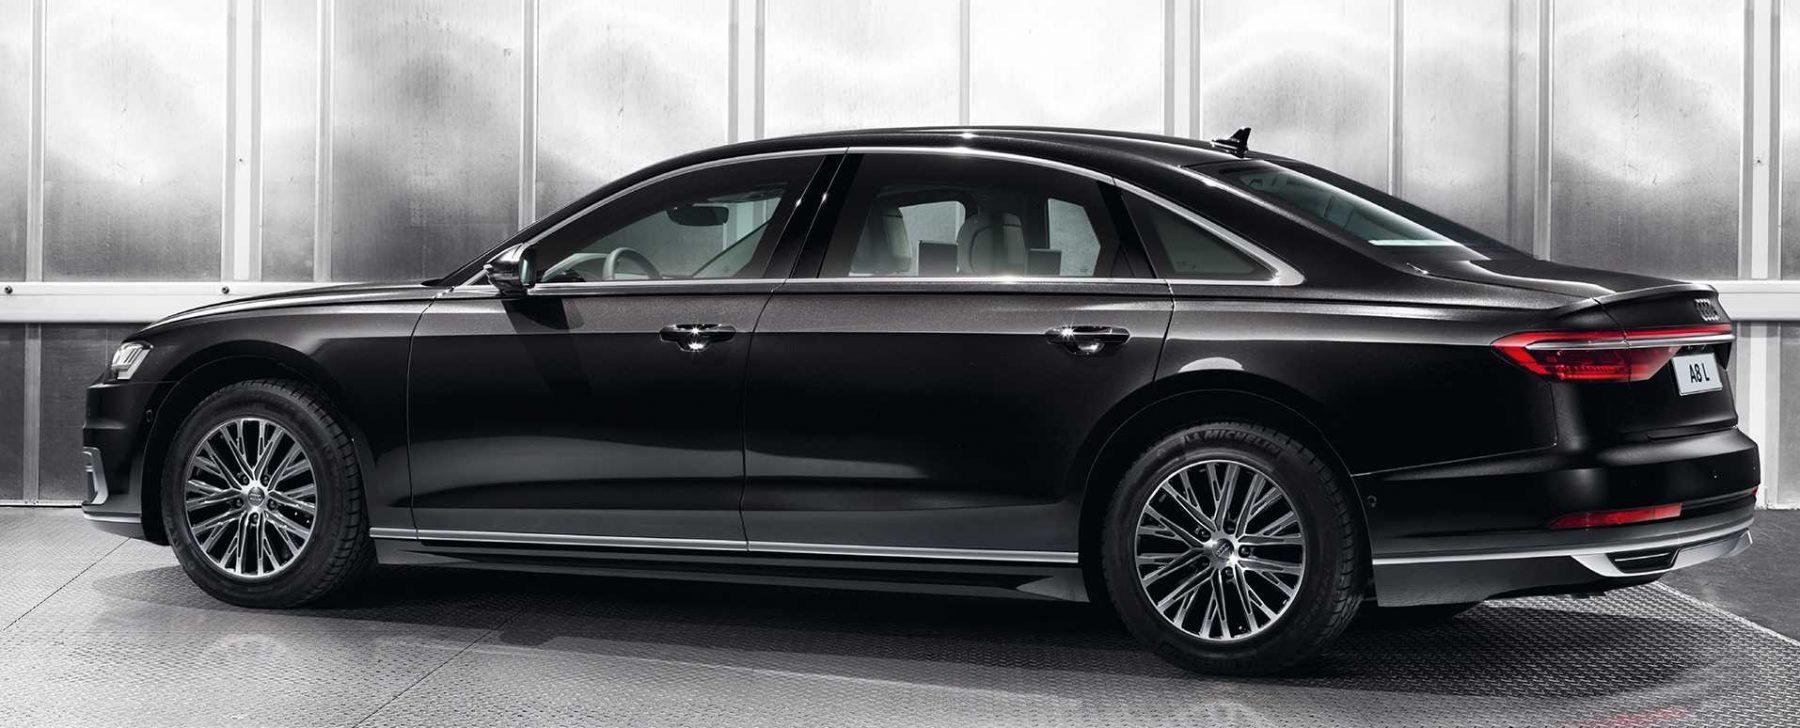 Audi A8 L Security 2020